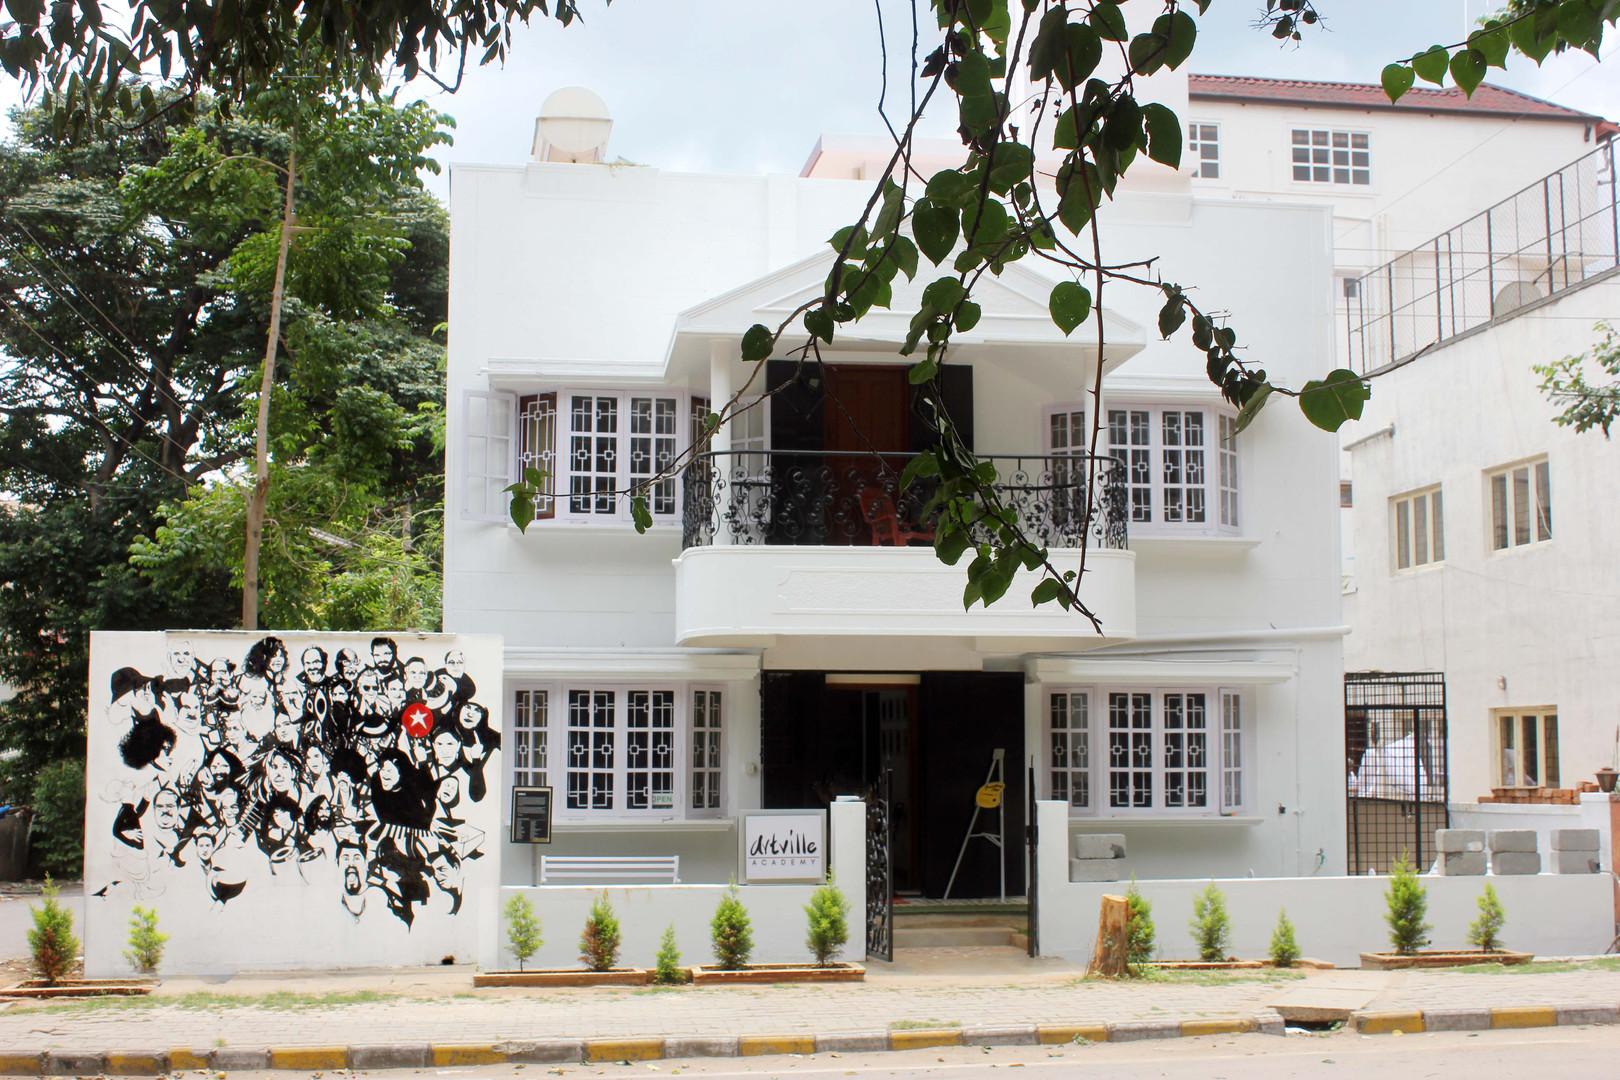 Artville Residency